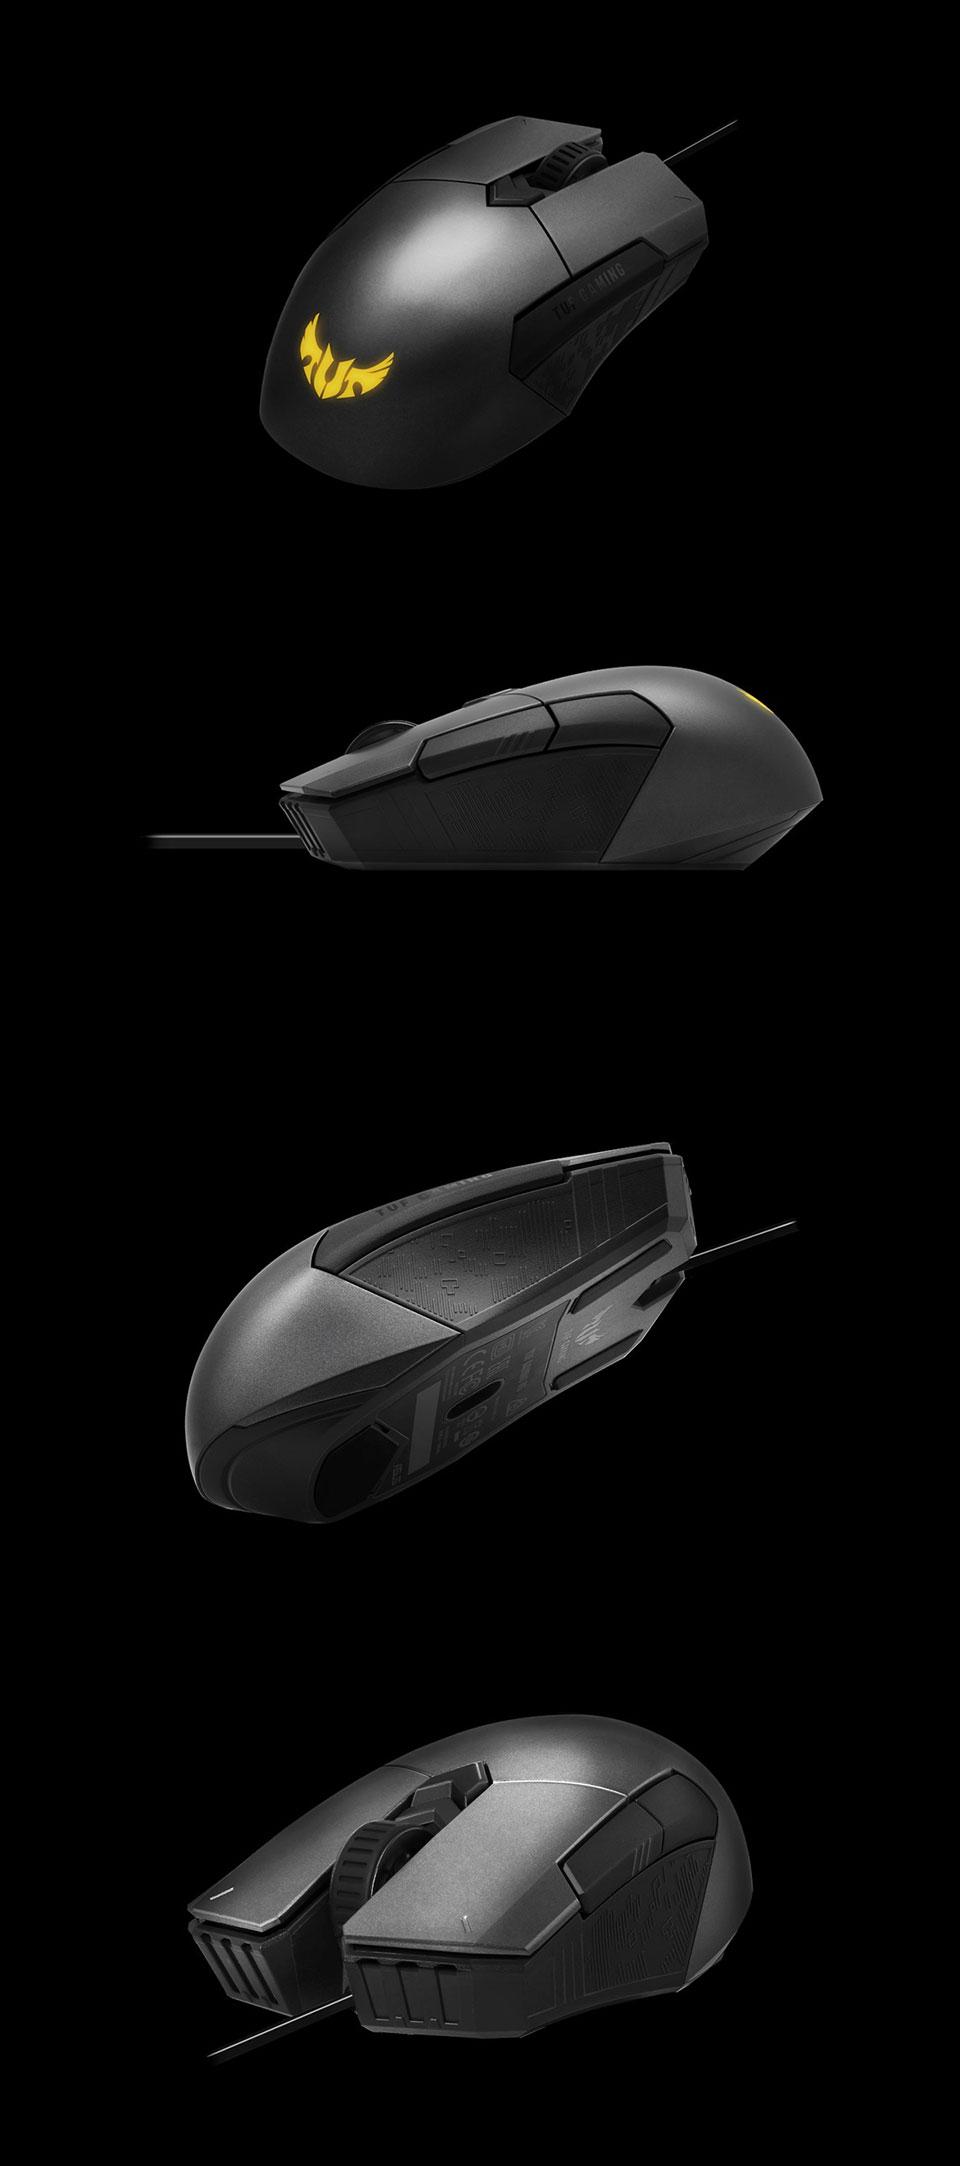 Buy ASUS TUF Gaming M5 RGB Gaming Mouse [TUF-GAMING-M5]   PC Case Gear Australia